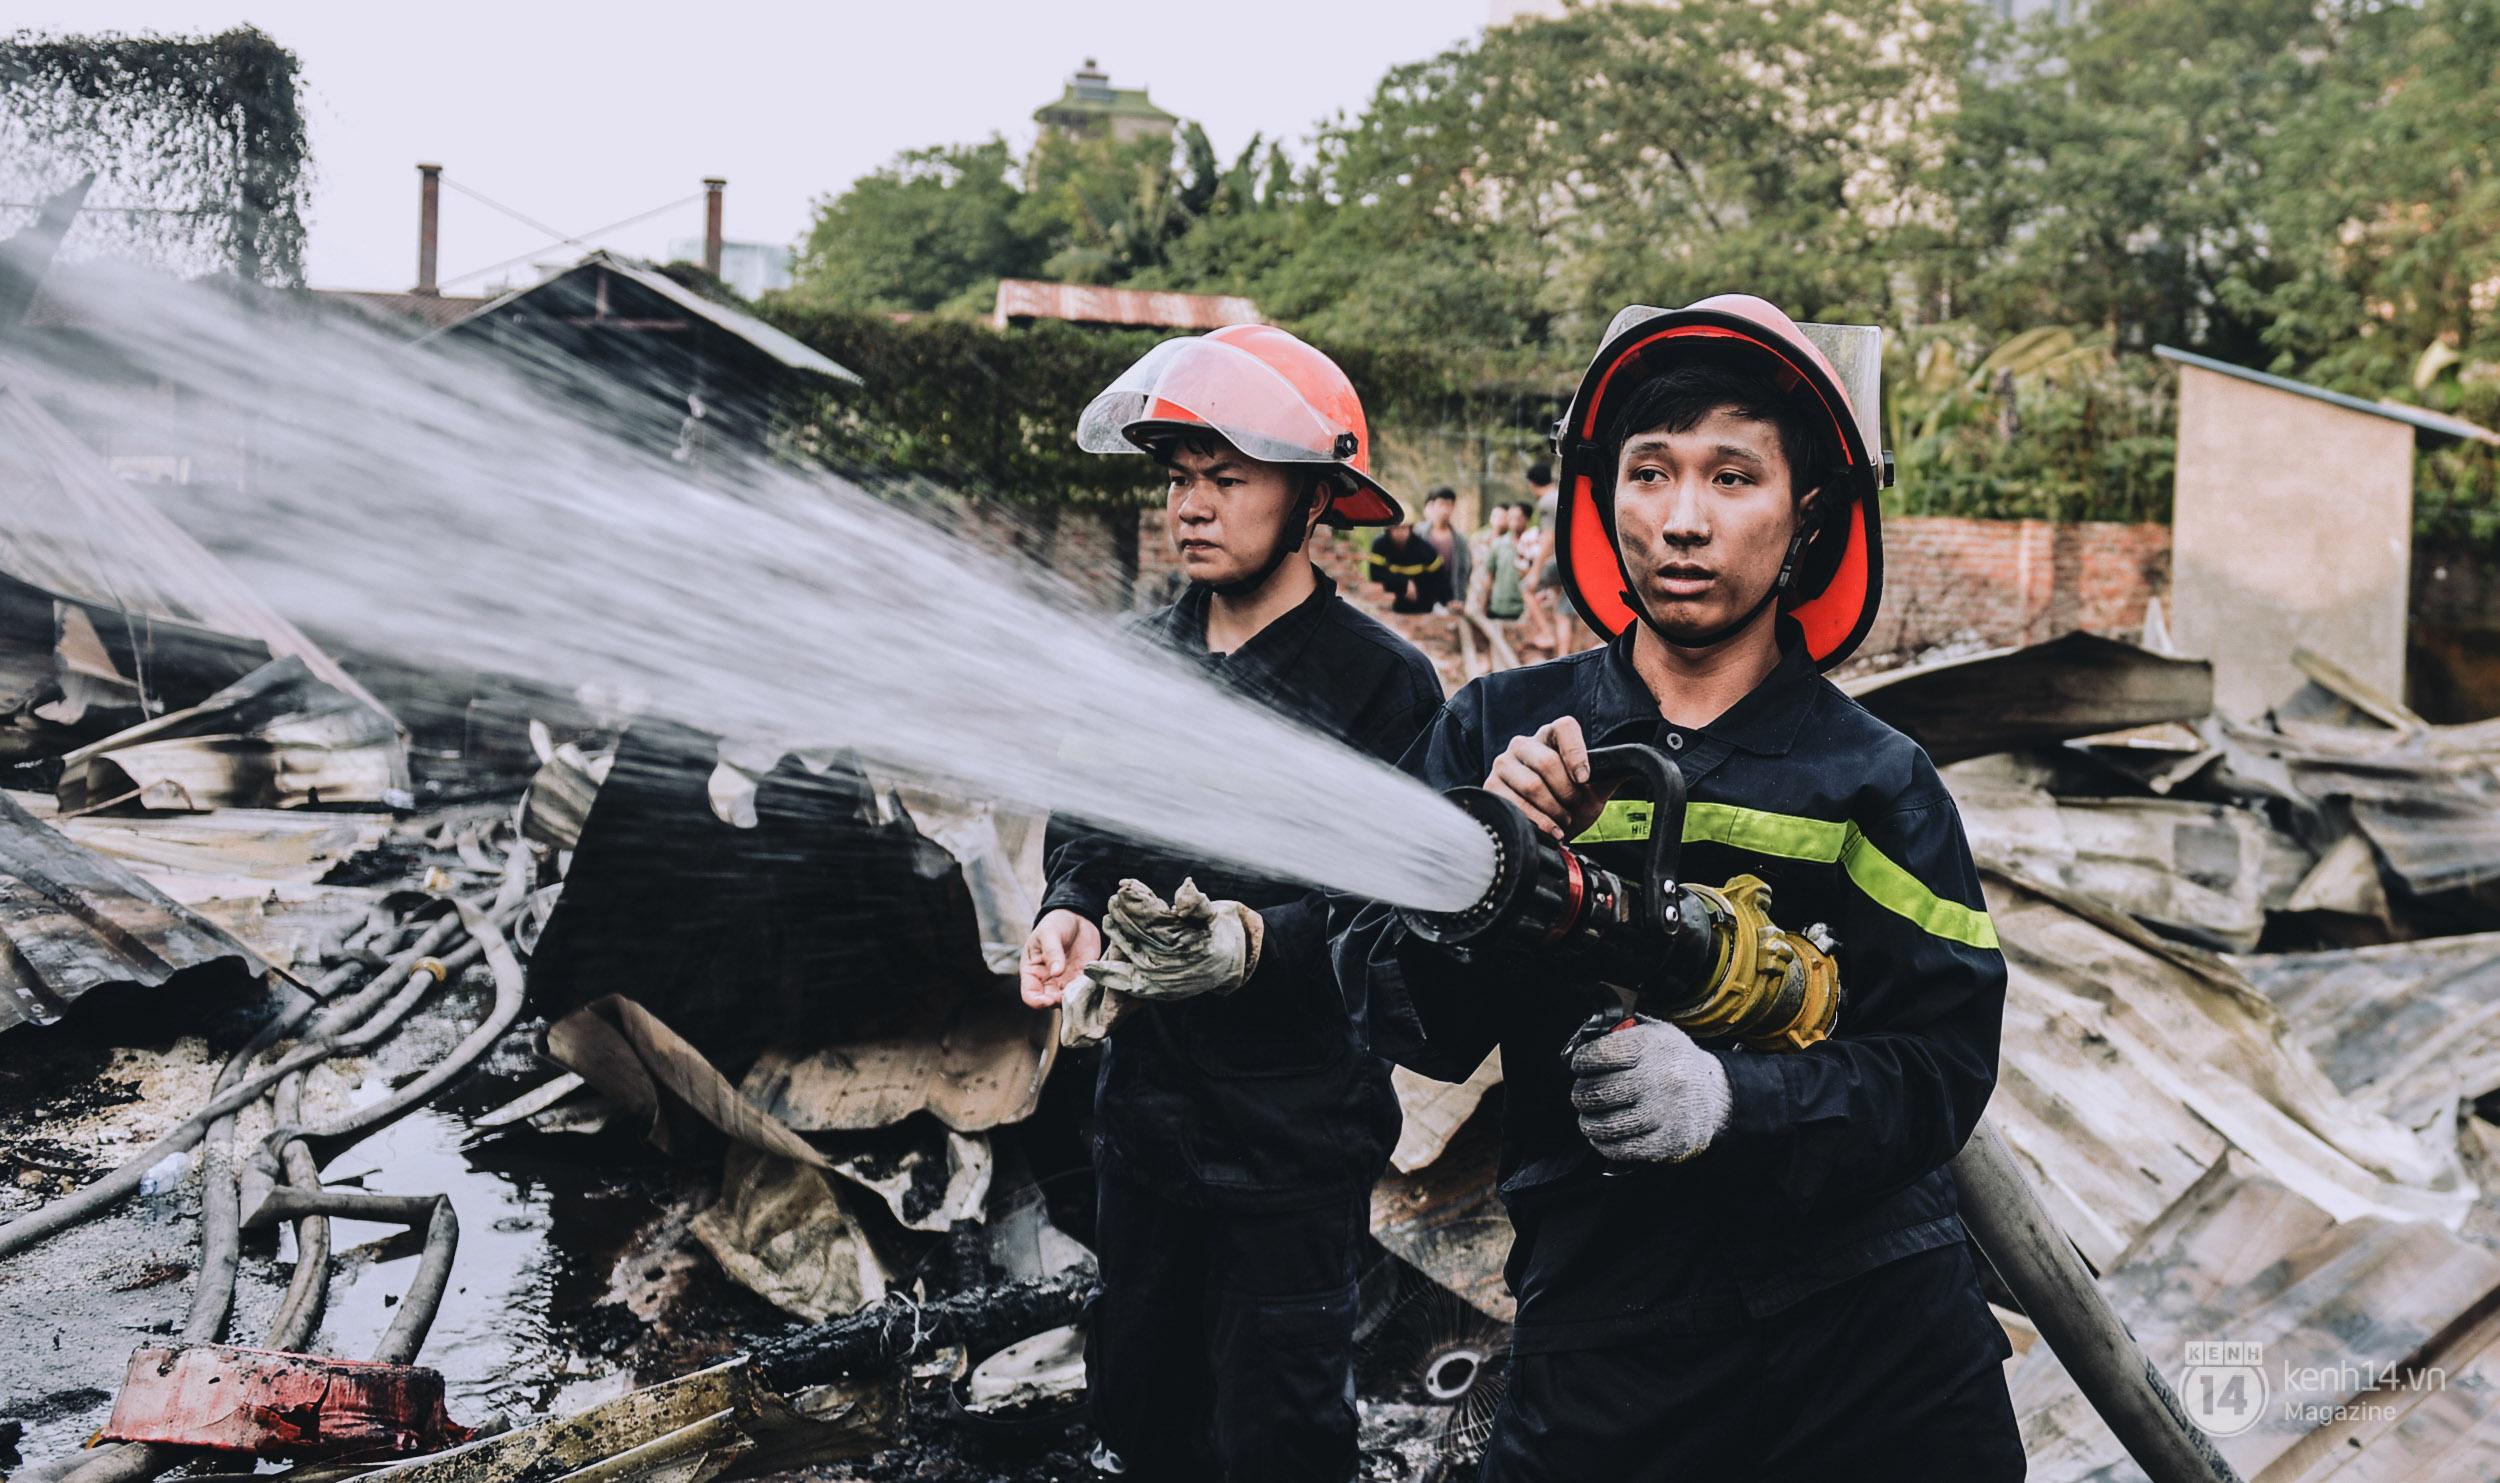 Chuyện về những người lính cứu hỏa không sợ chết, chỉ sợ không cứu được người - Ảnh 13.